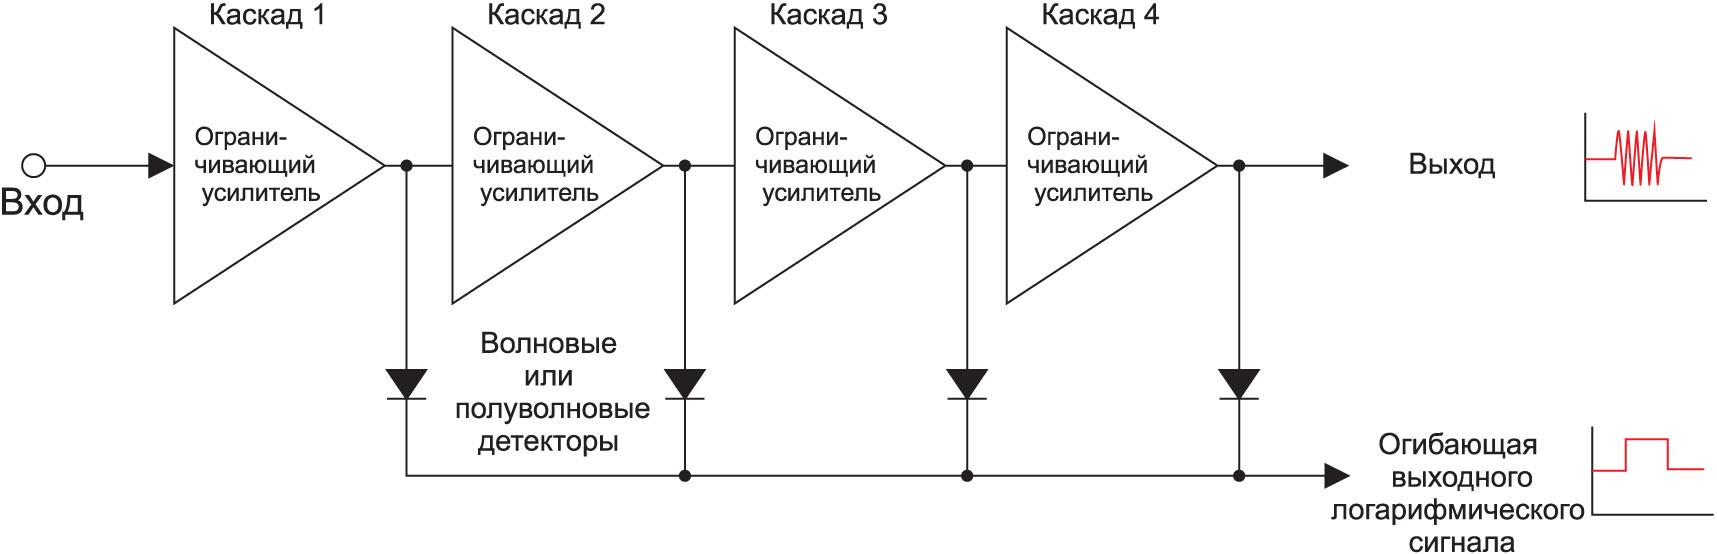 Схема последовательного обнаружения с обнаружением пика после каждого каскада